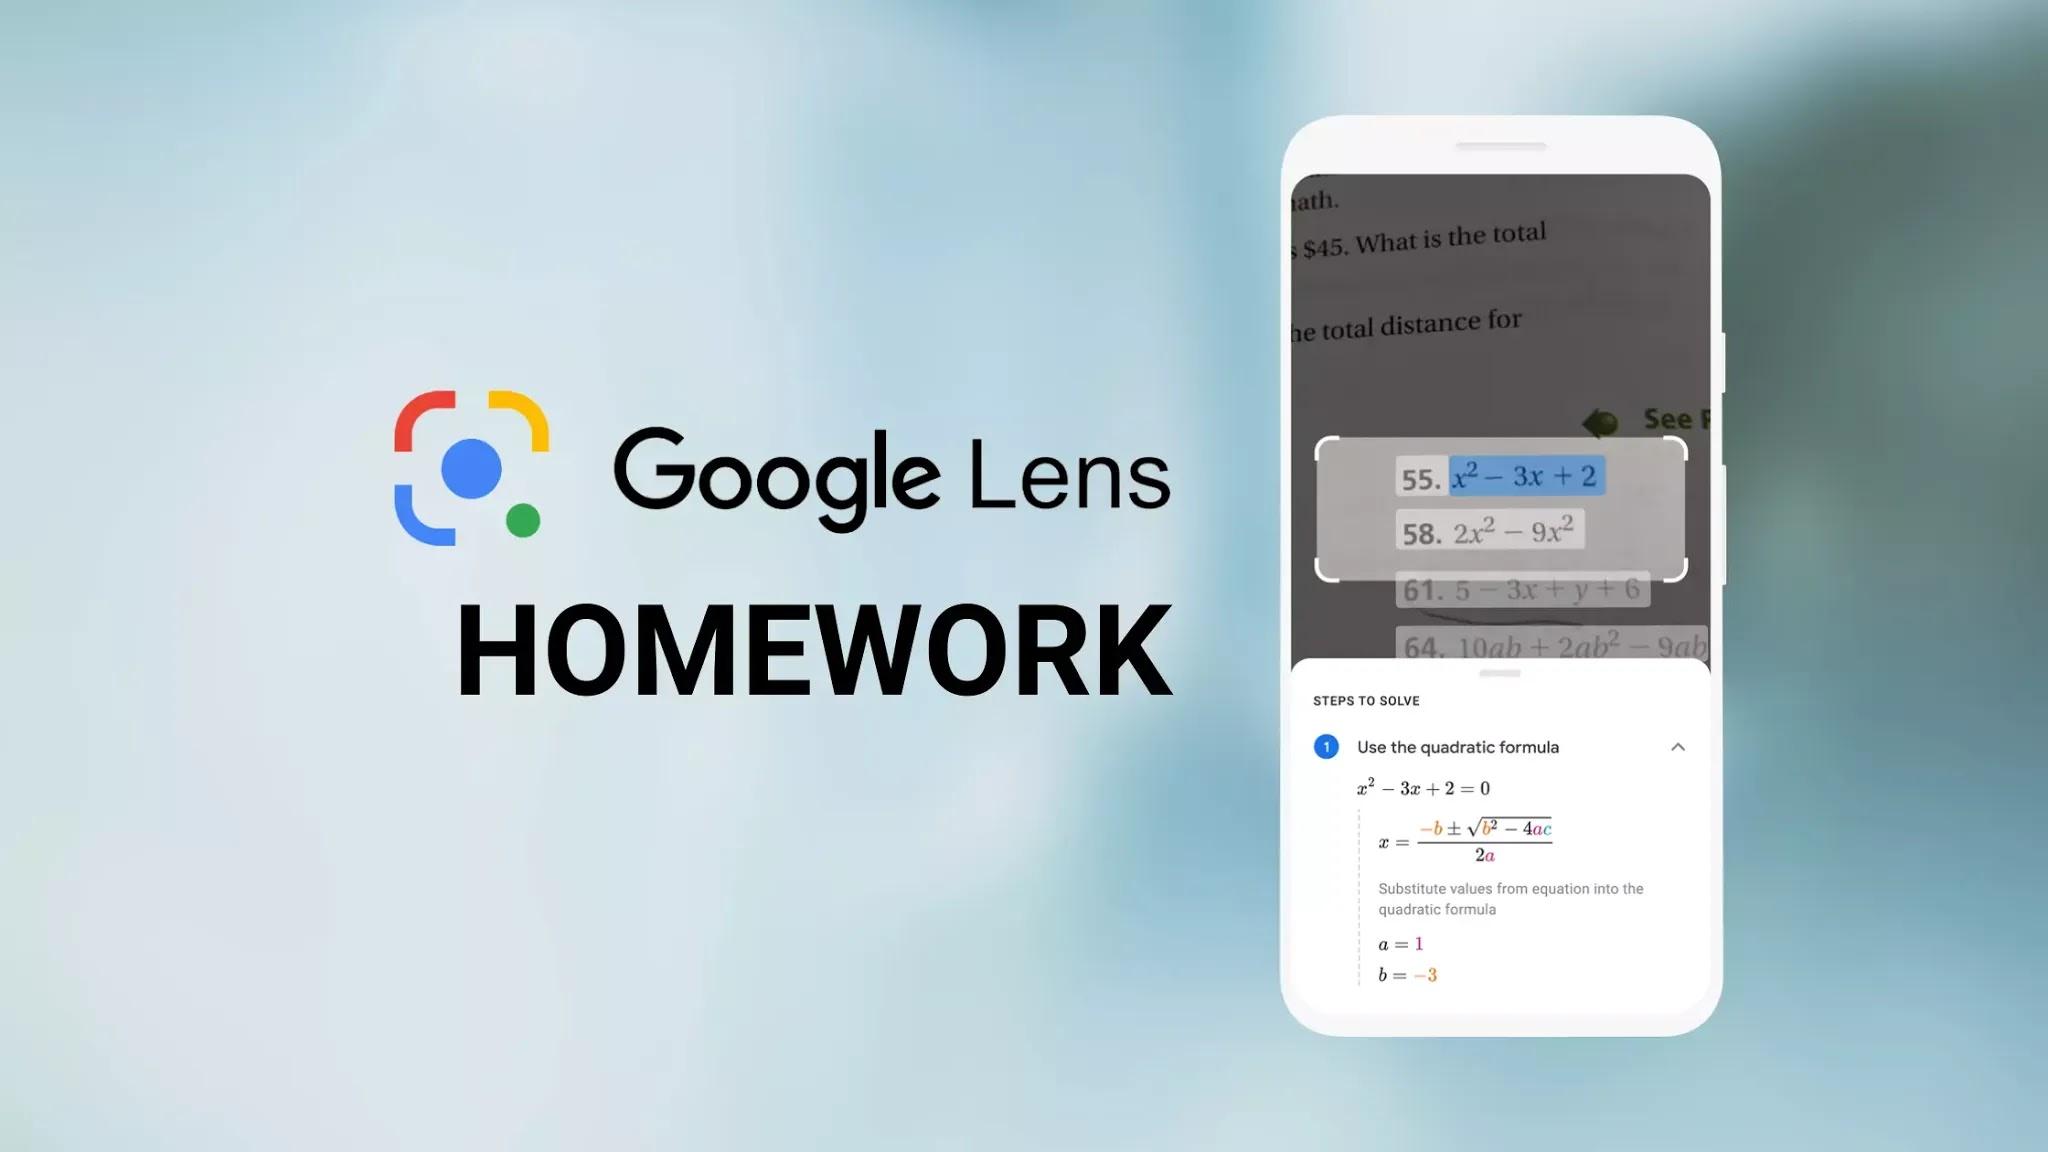 Google-lens-homework